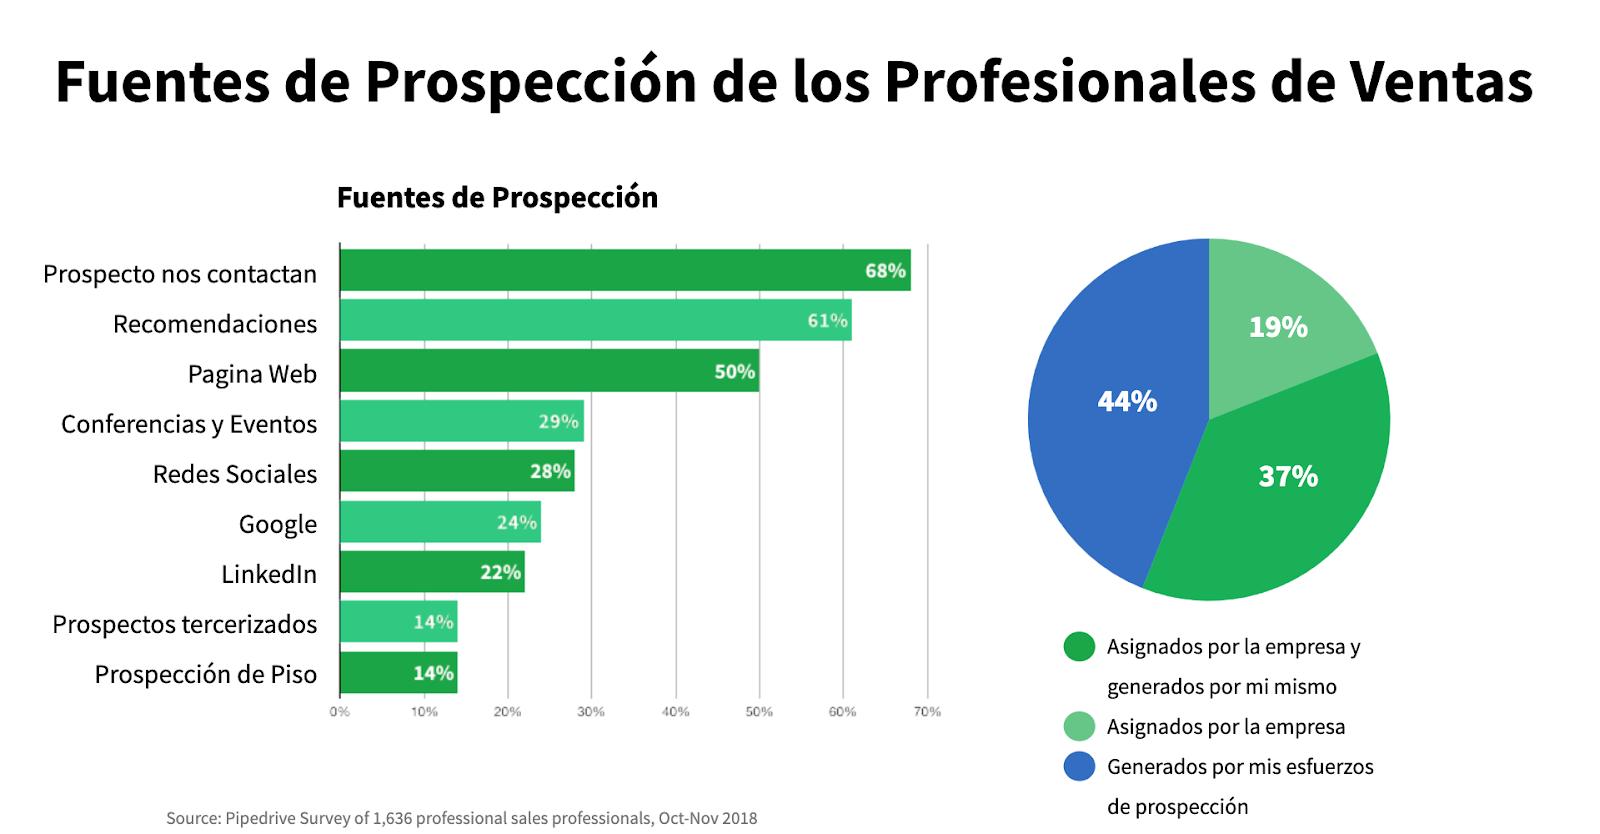 gráfica de barras color verde con blanco demostrando el porqué a los vendedores se les dificulta prospectar